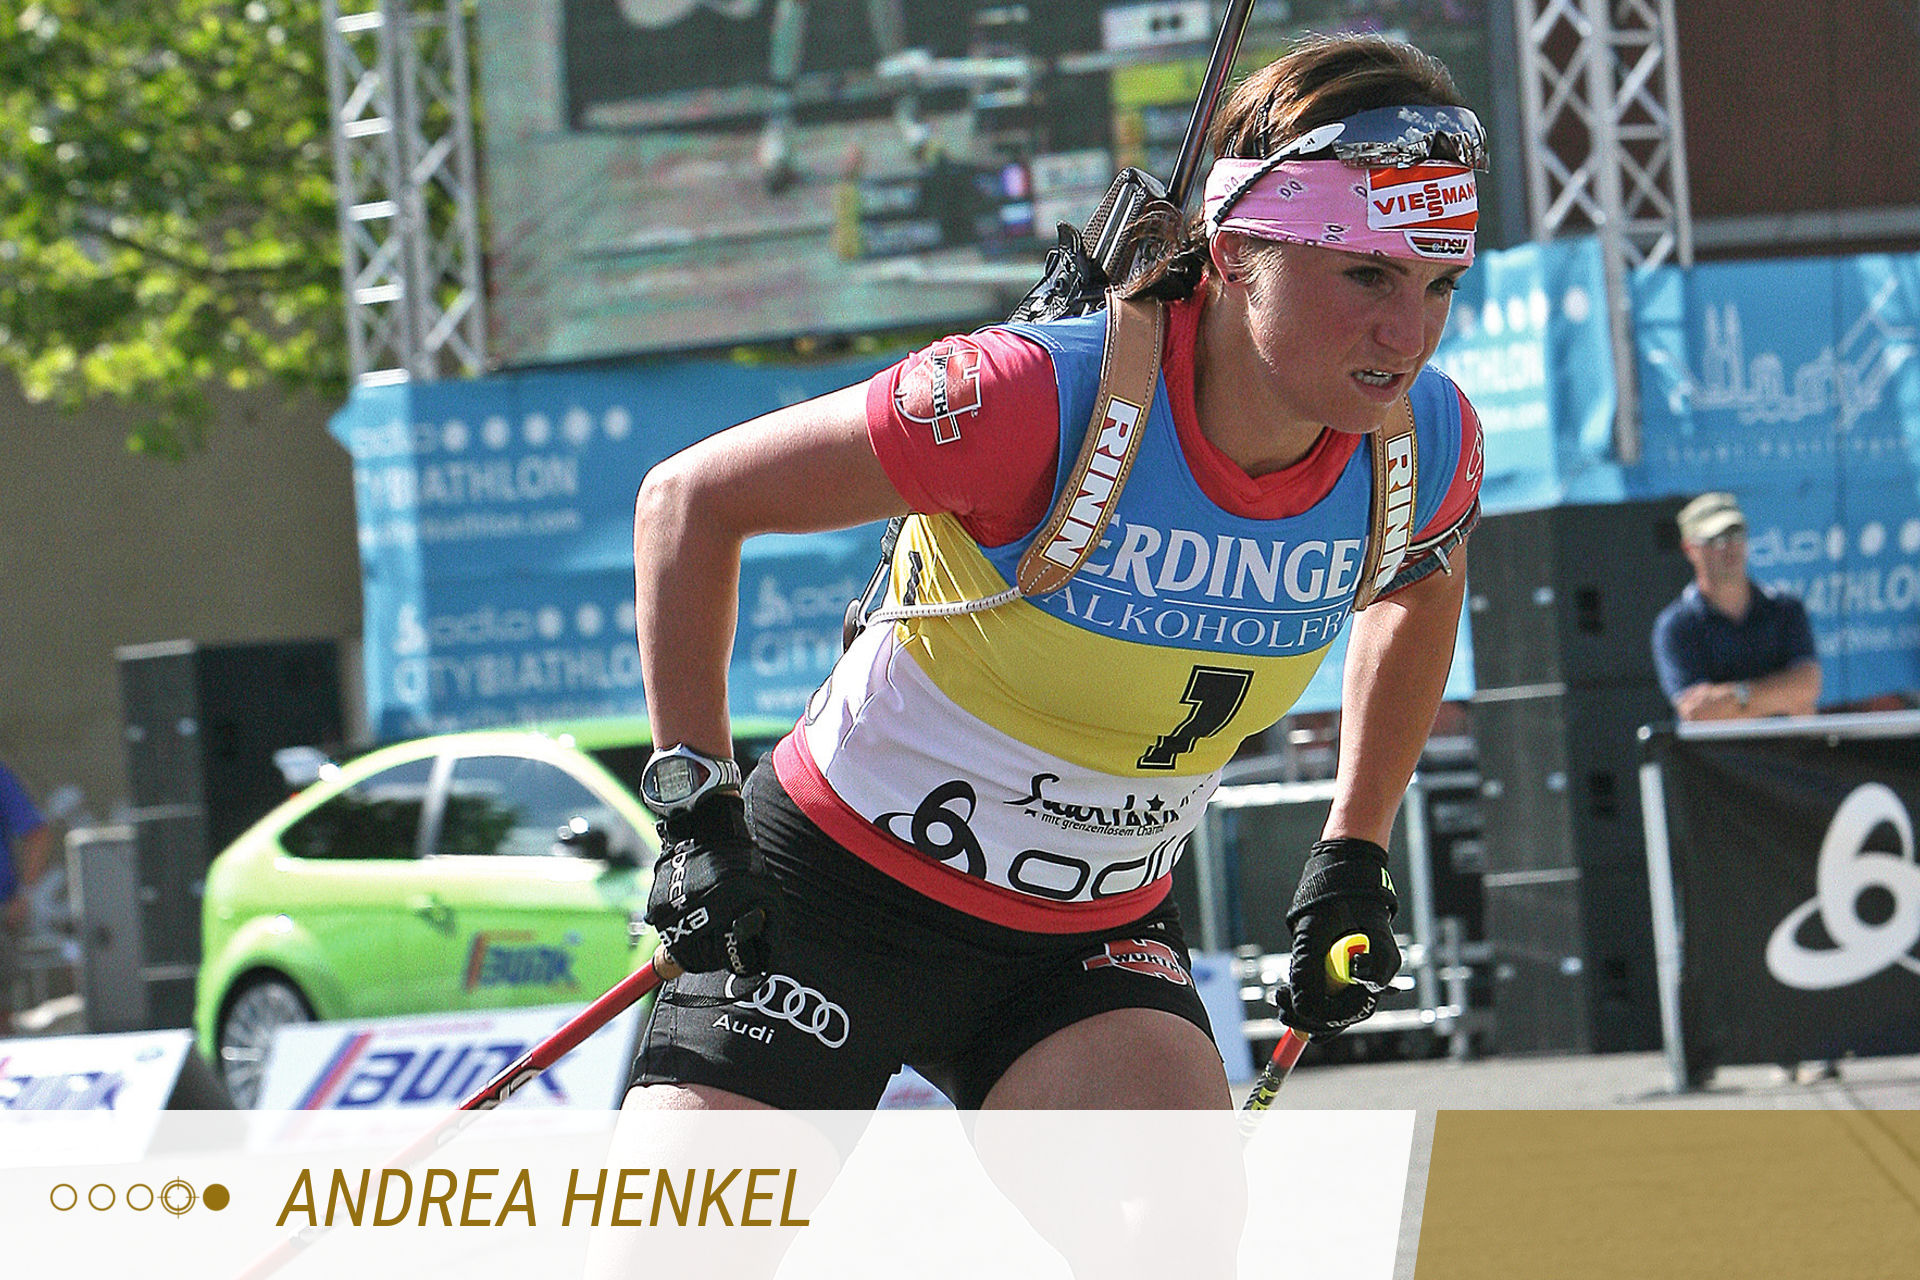 Athleten_Historie_AndreaHenkel